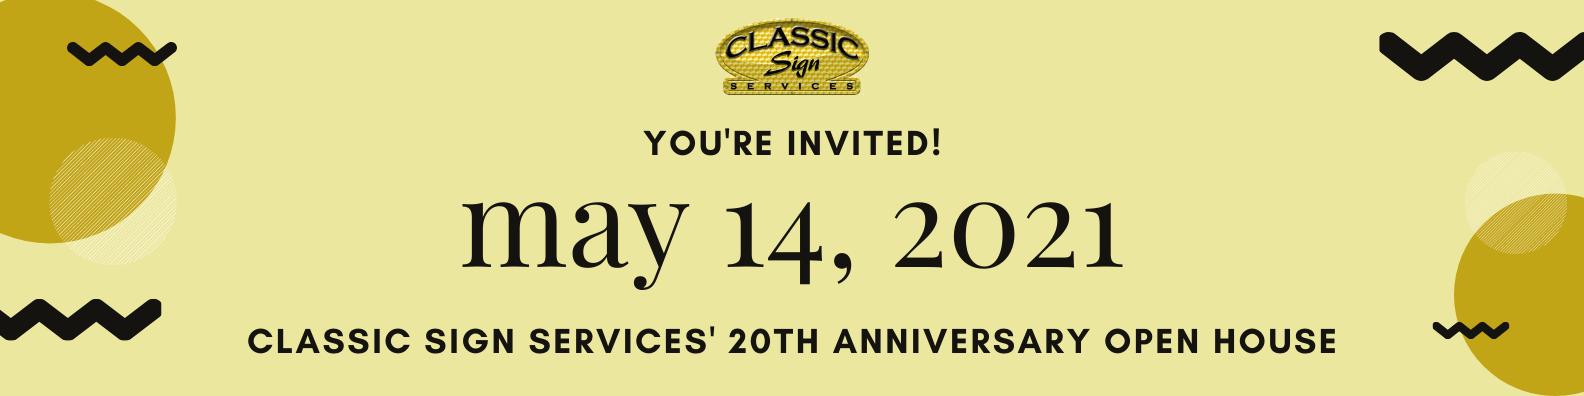 20th anniversary open house invitation